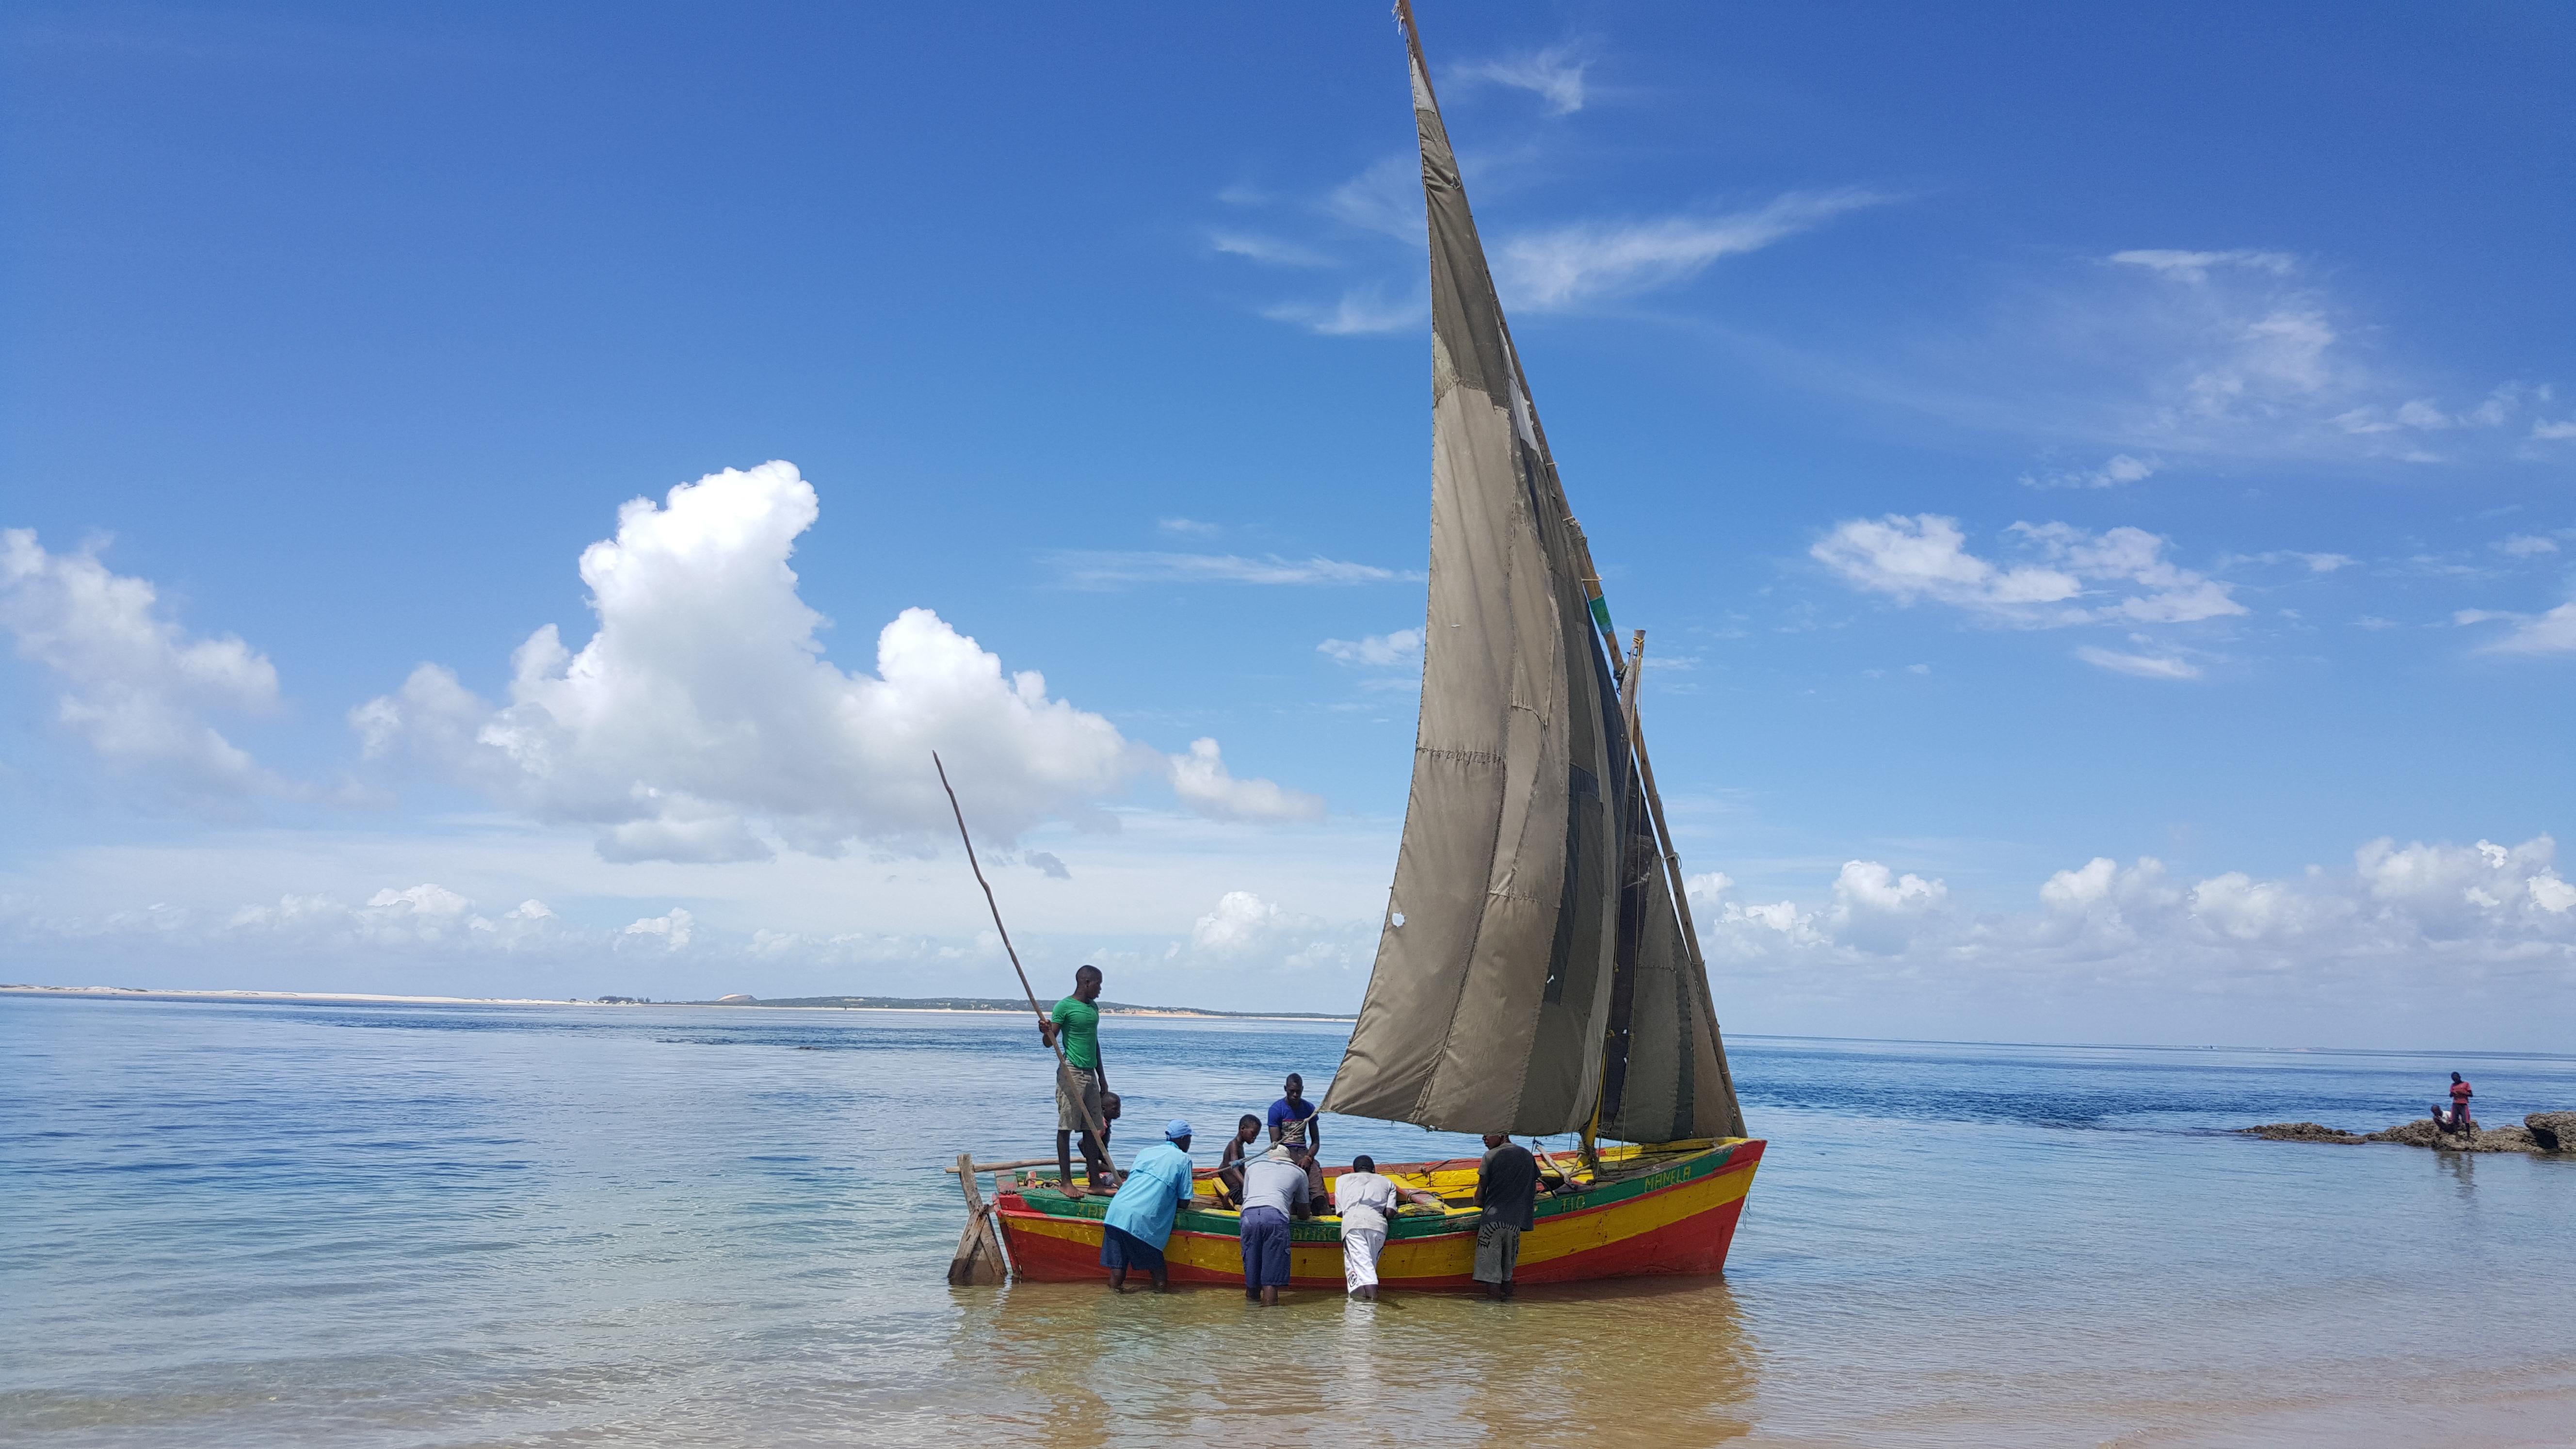 Para completar, esse barco (um dhow tradicional de pescadores) praticamente implorando para ser fotografado